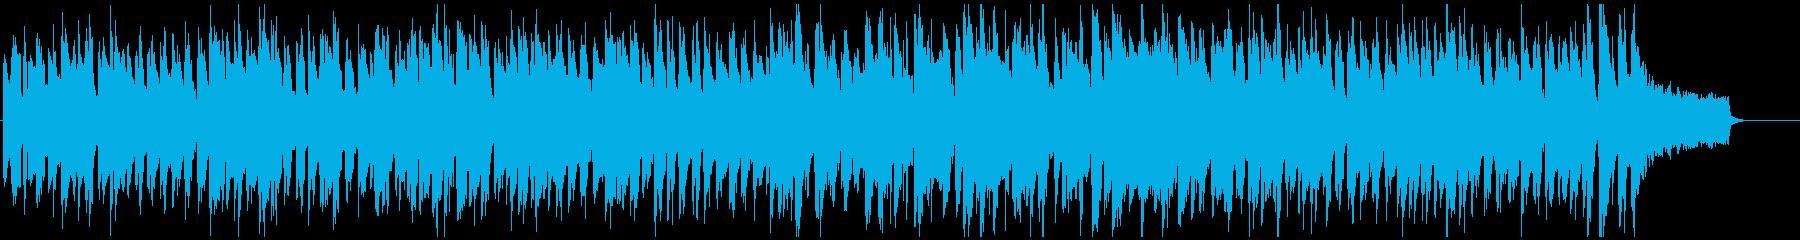 ズンズン歩くようなコミカルなリコーダー曲の再生済みの波形